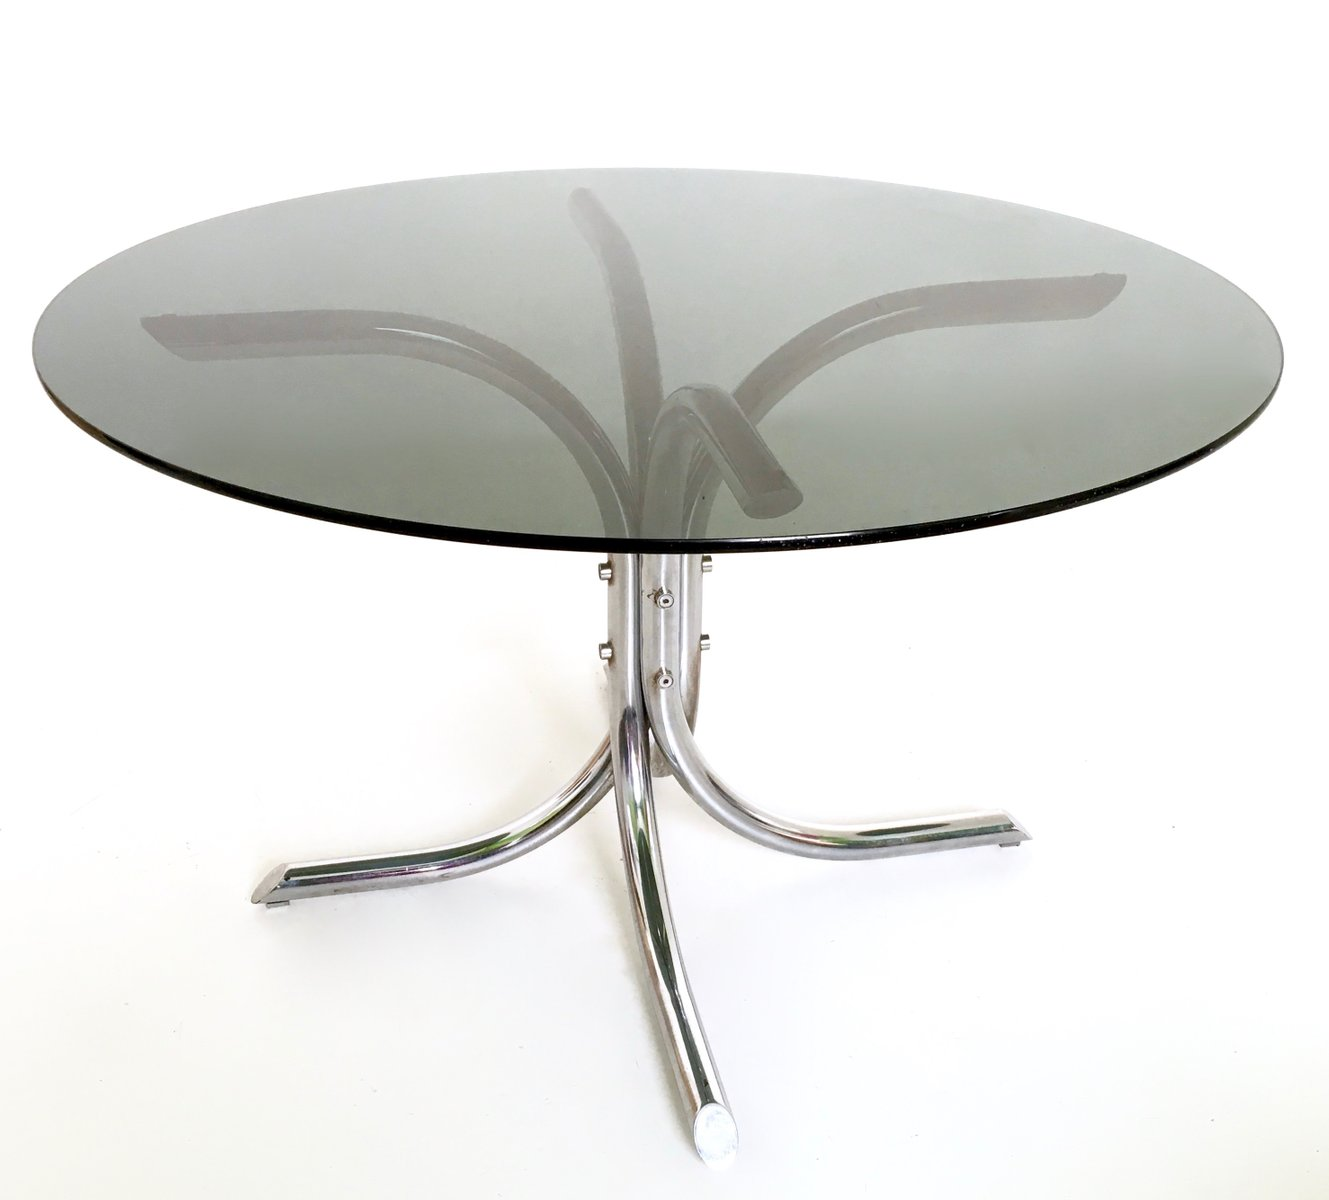 Italienischer Esstisch aus Verchromtem Metall & Rauchglas, 1970er